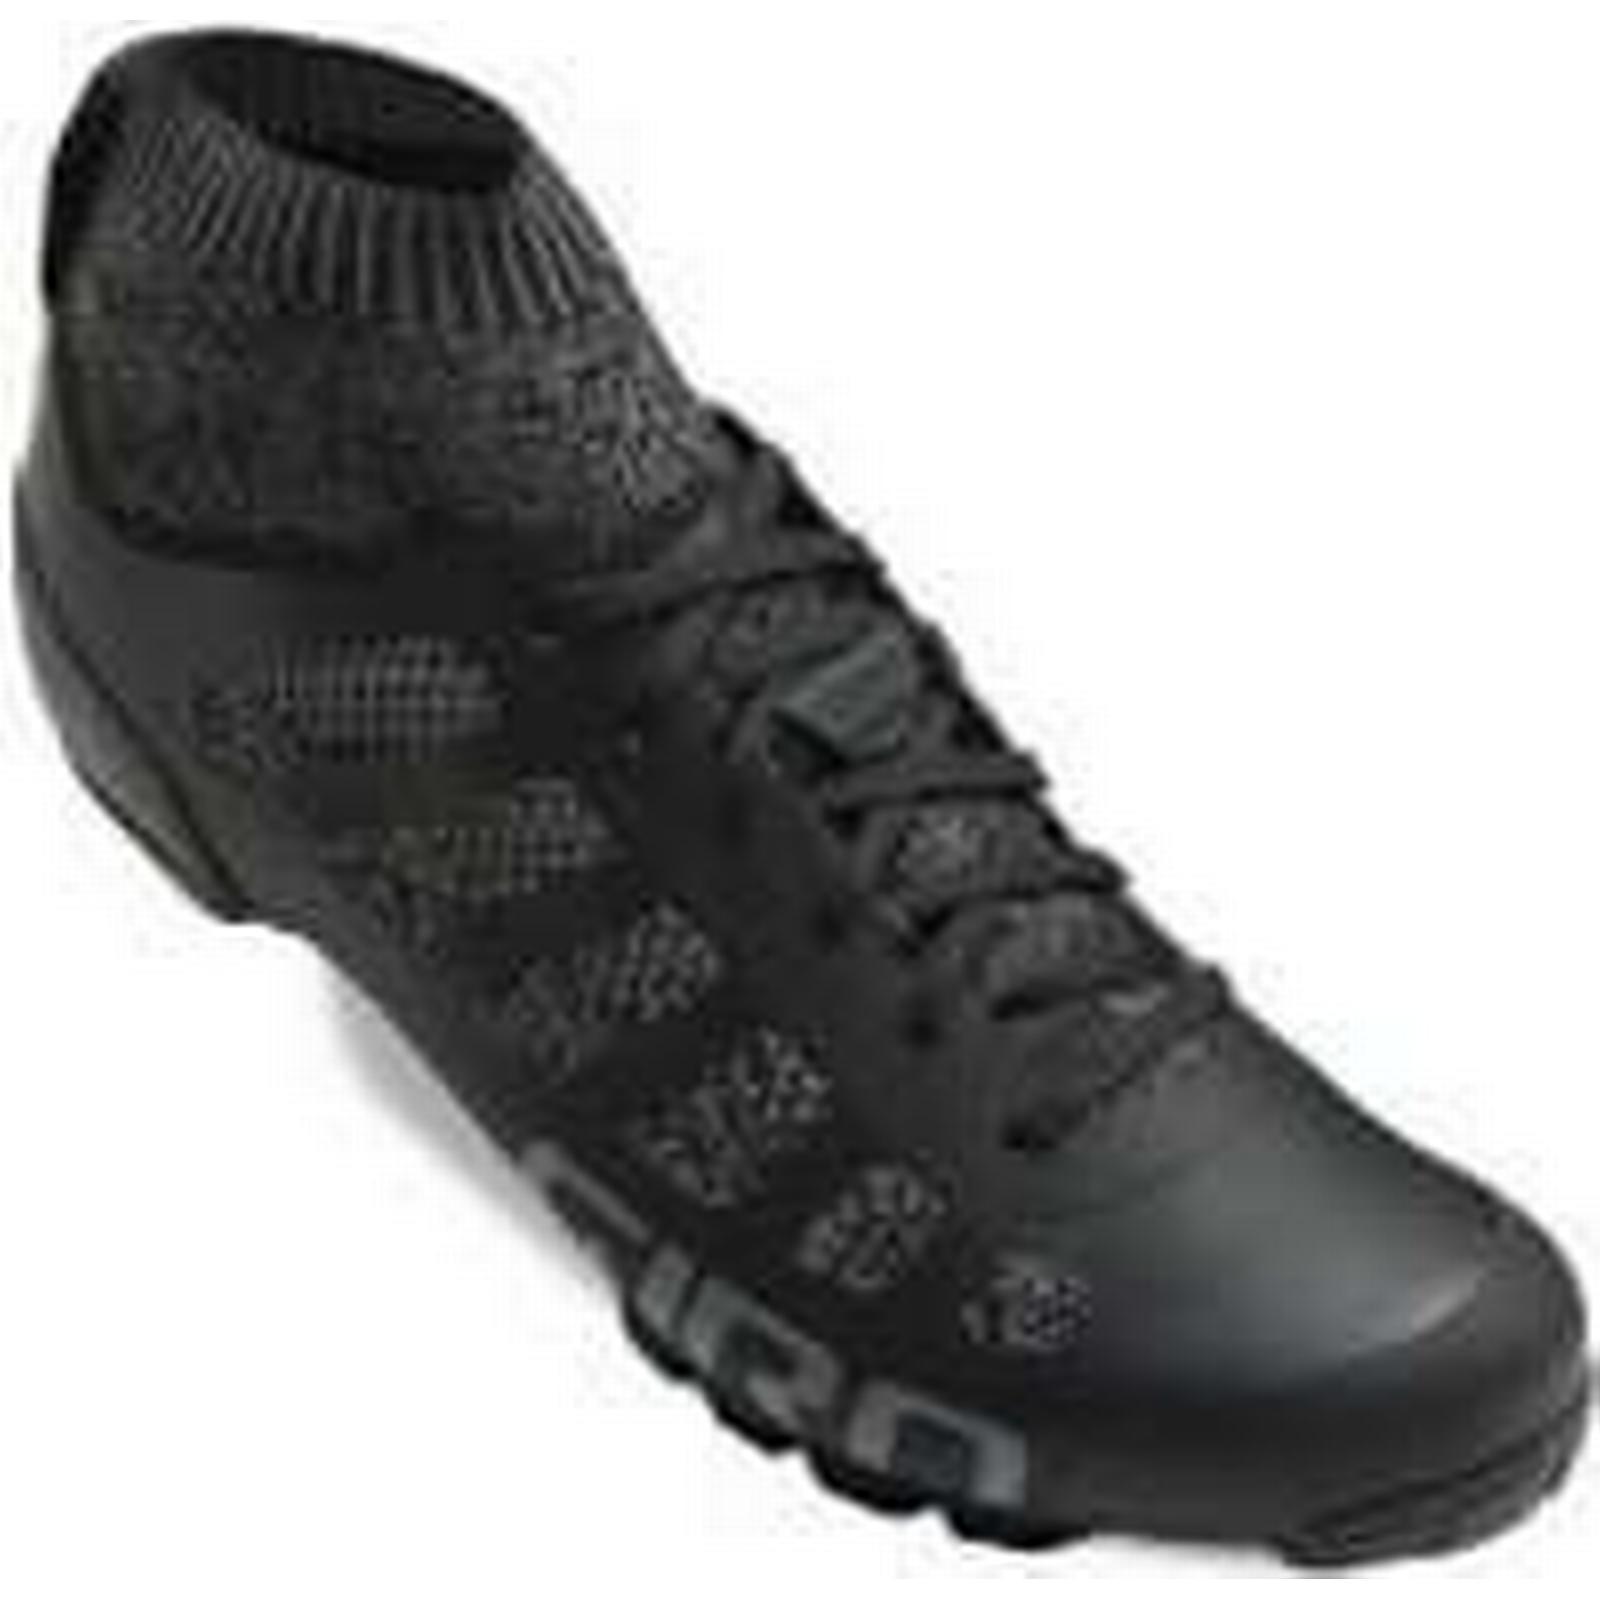 Giro EU Empire VR70 MTB Cycling Shoes - Black/Charcoal - EU Giro 40.5/UK 7 - Black 917fb0